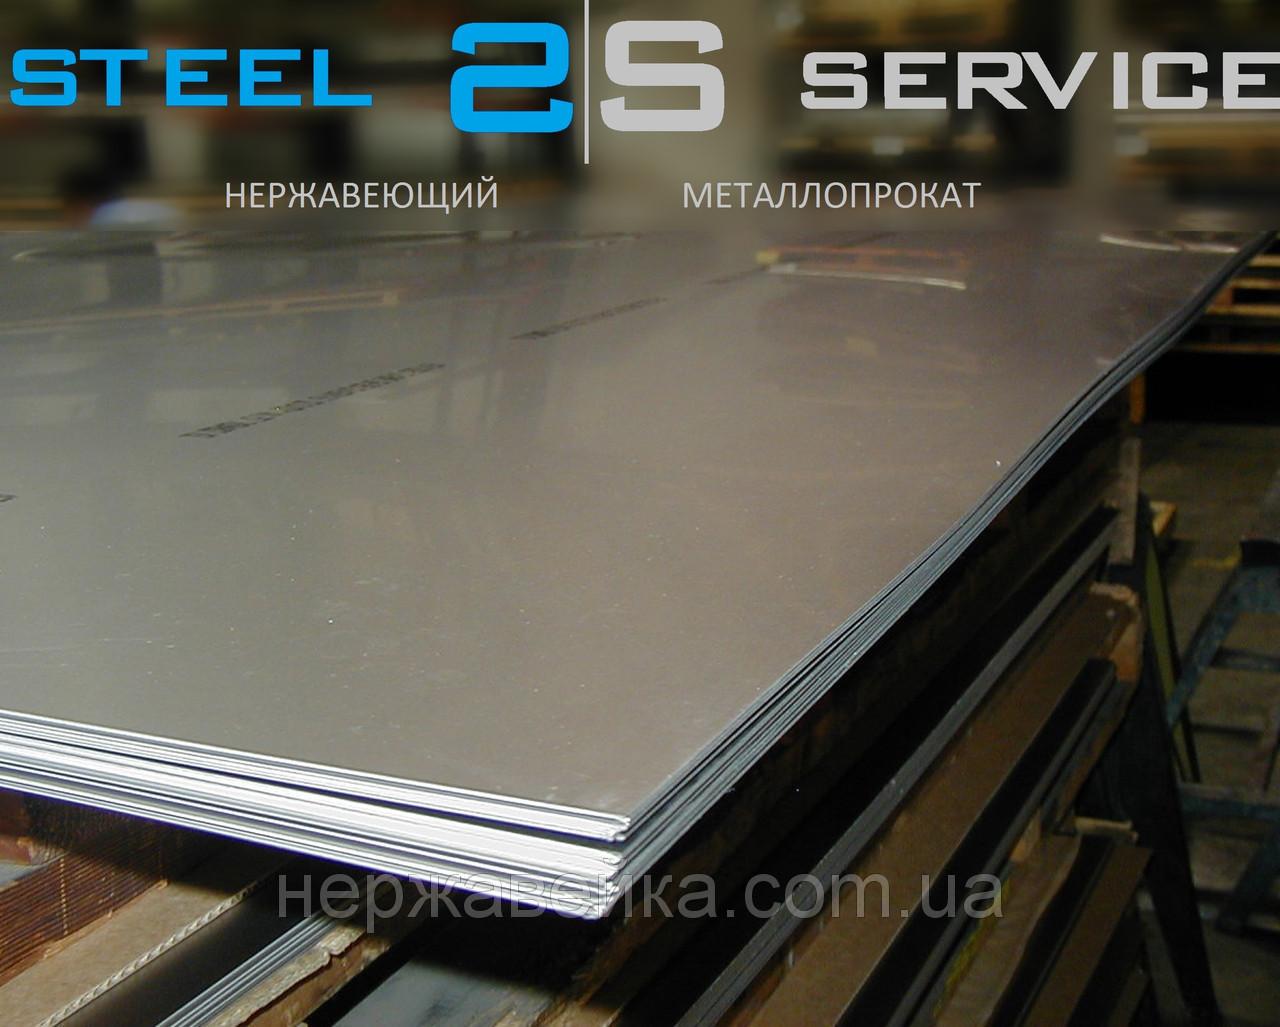 Нержавейка лист 3х1000х2000мм AISI 430(12Х17) 4N - шлифованный, технический